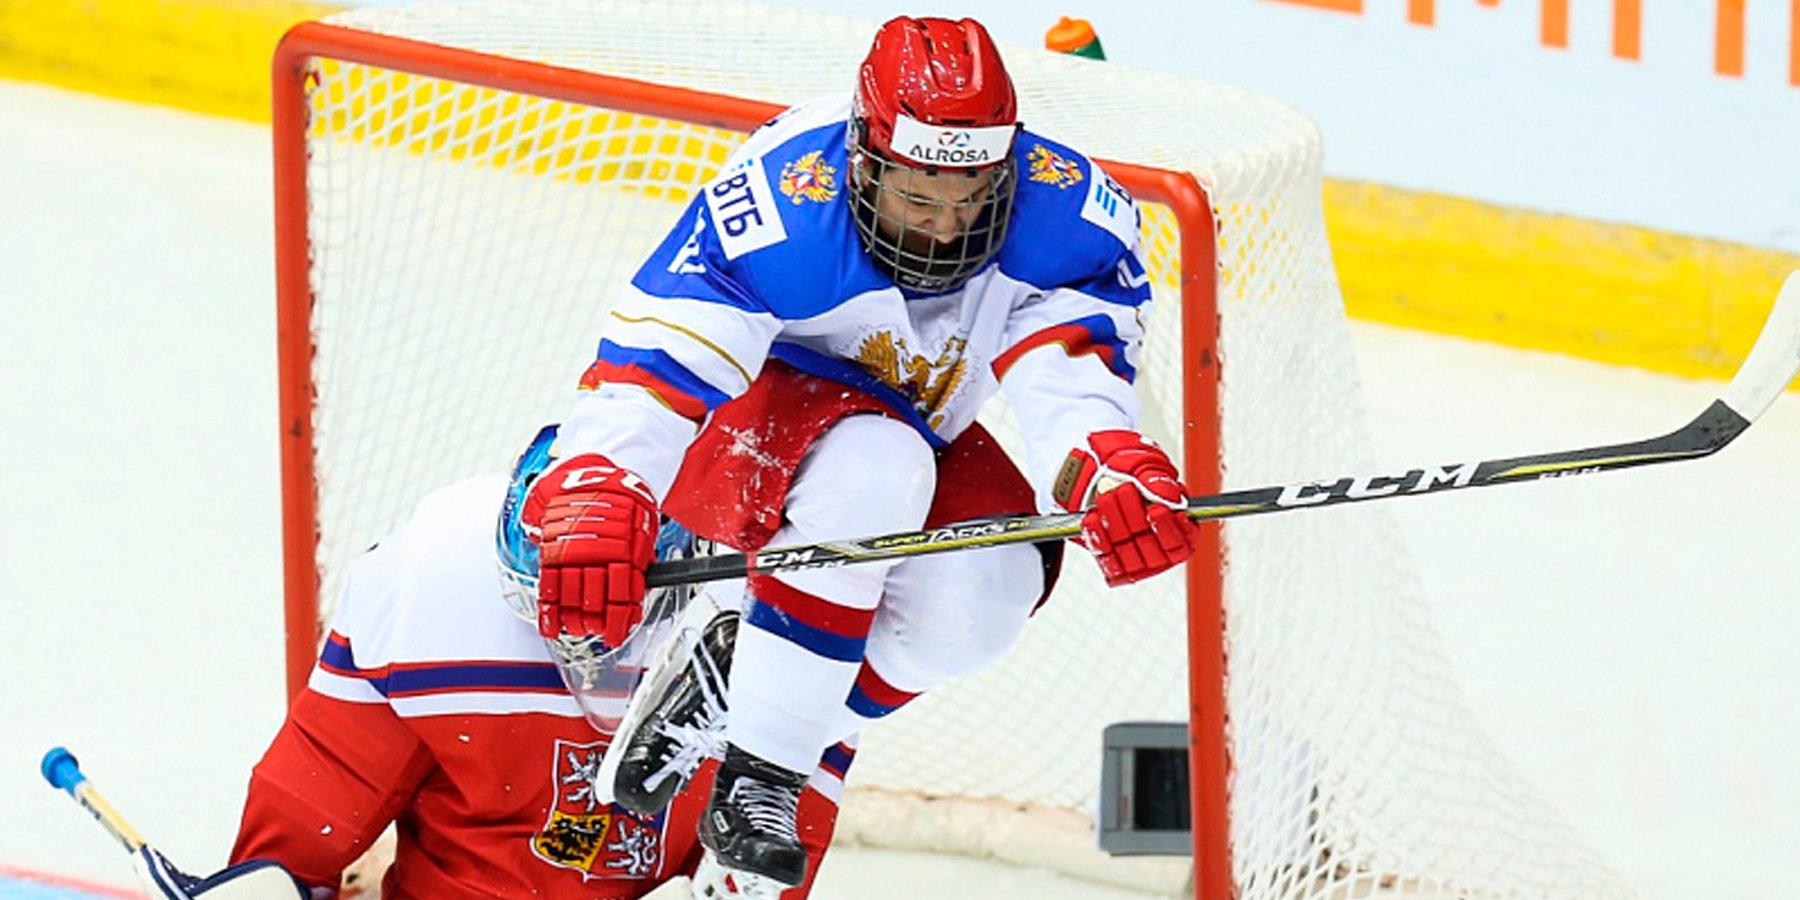 Сборная Российской Федерации похоккею проиграла все три матча этапа Евротура вЧехии